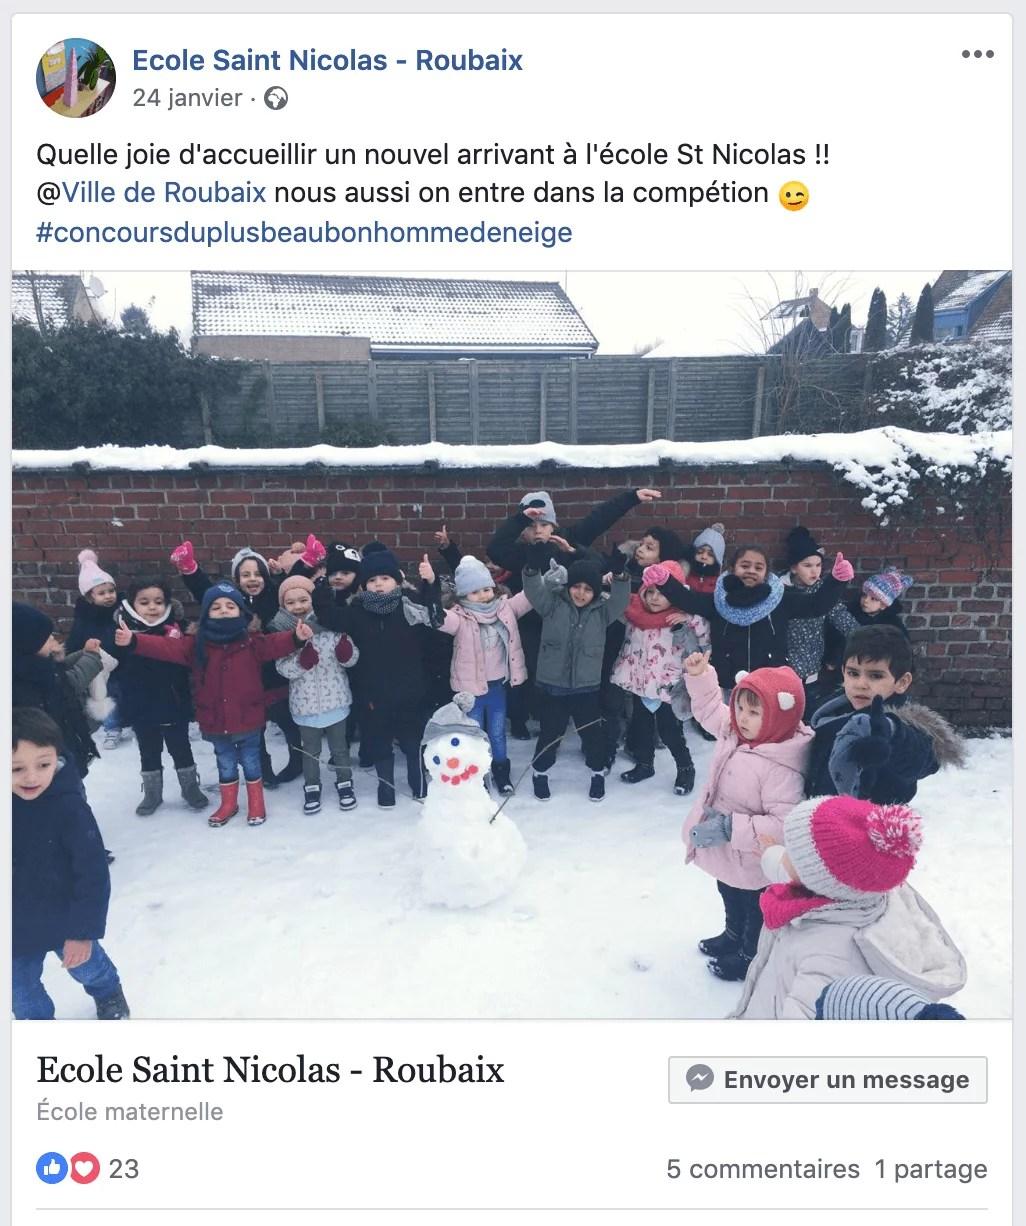 Bonhomme de neige à l'école saint nicolas roubaix - page Facebook